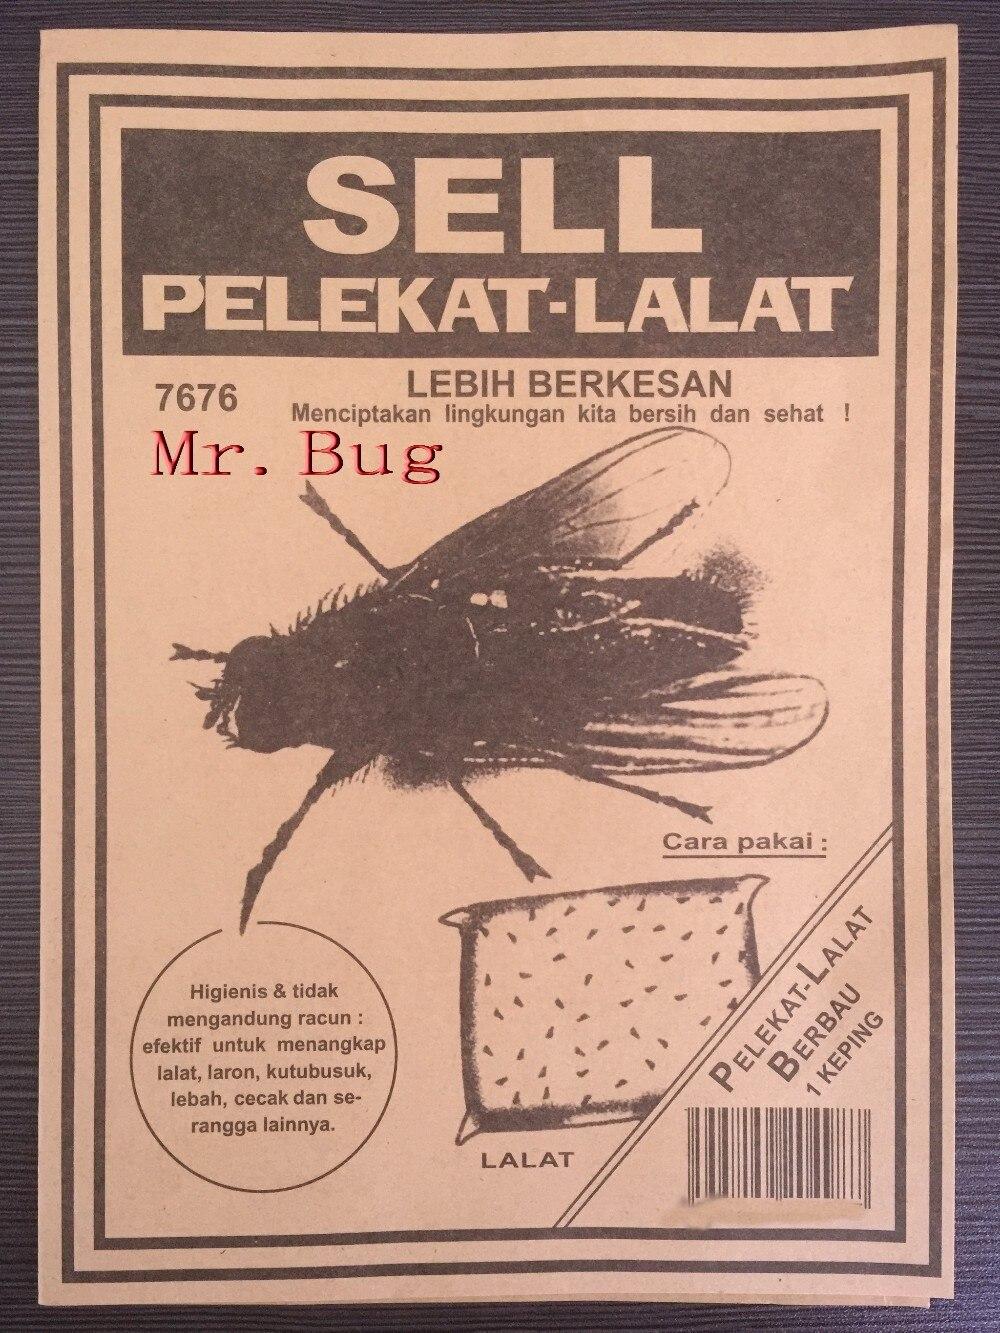 5 шт. mr ошибках Fly клей ловушки платы, покупать убийца Стикеры дома Борьба с вредителями, муха мух моли ящерица дрозофилы таракан отклонить